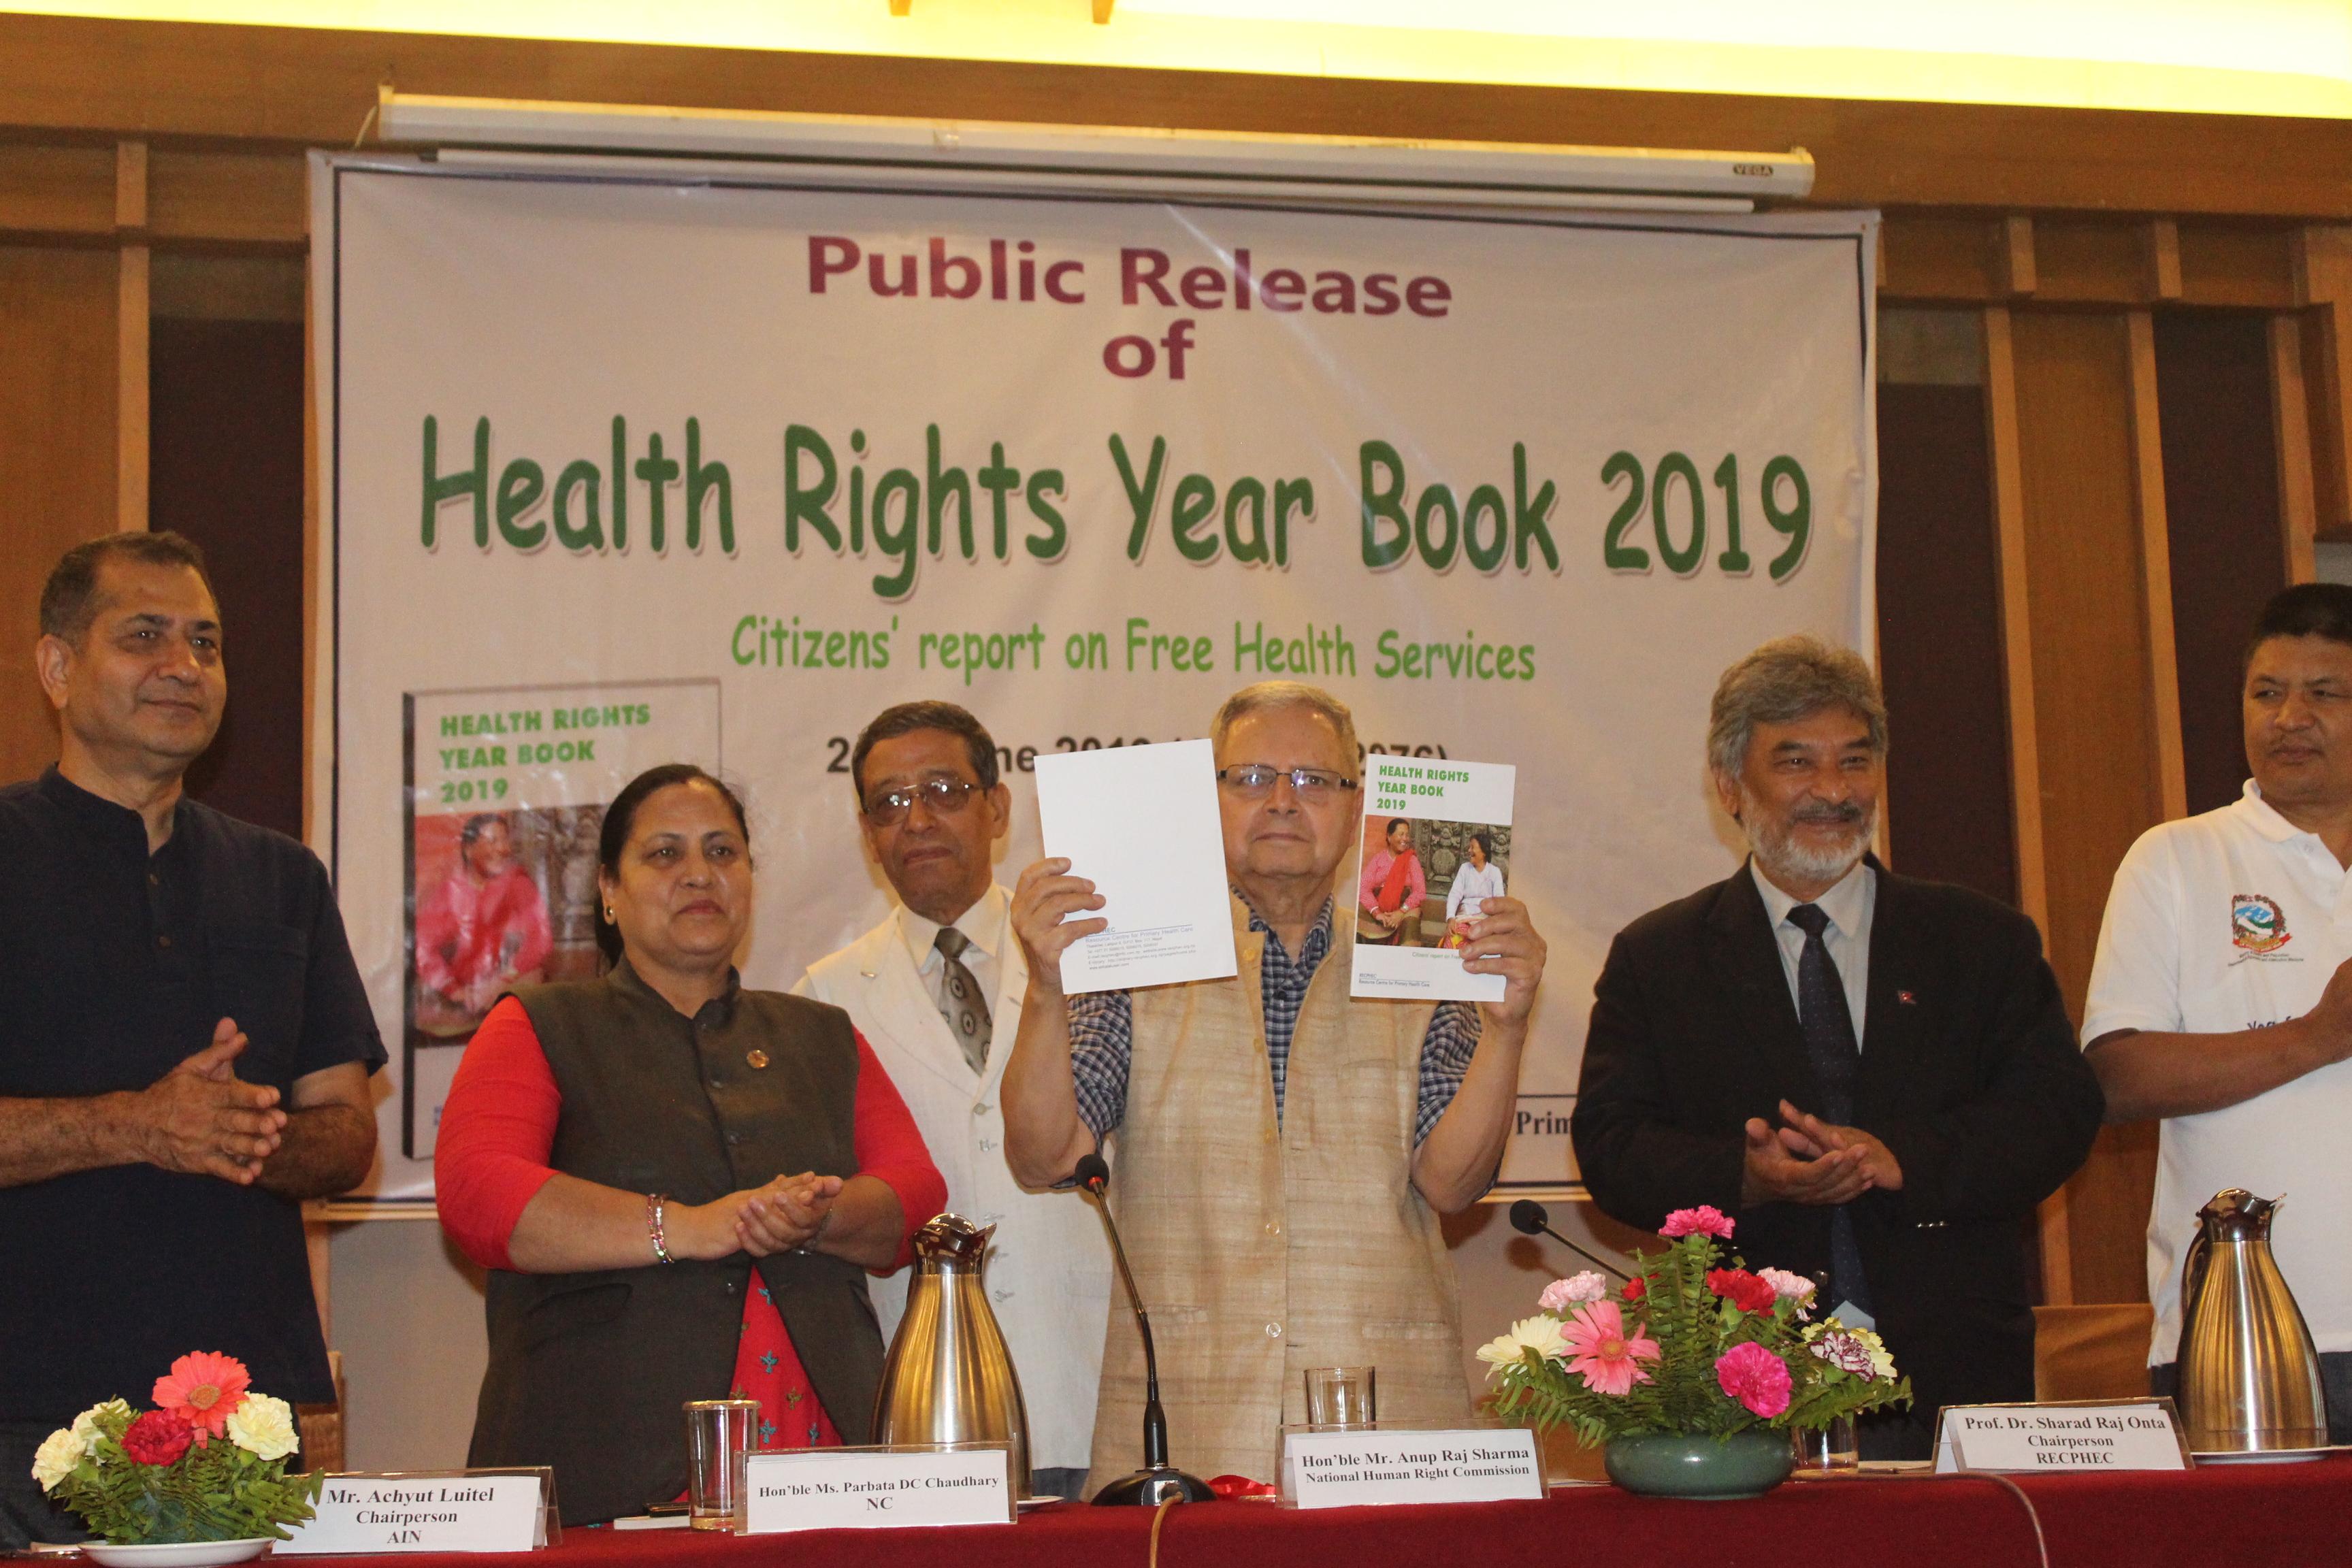 नेपालमा पहिलोपटक स्वास्थ्य अधिकार वर्ष पुस्तक प्रकाशन